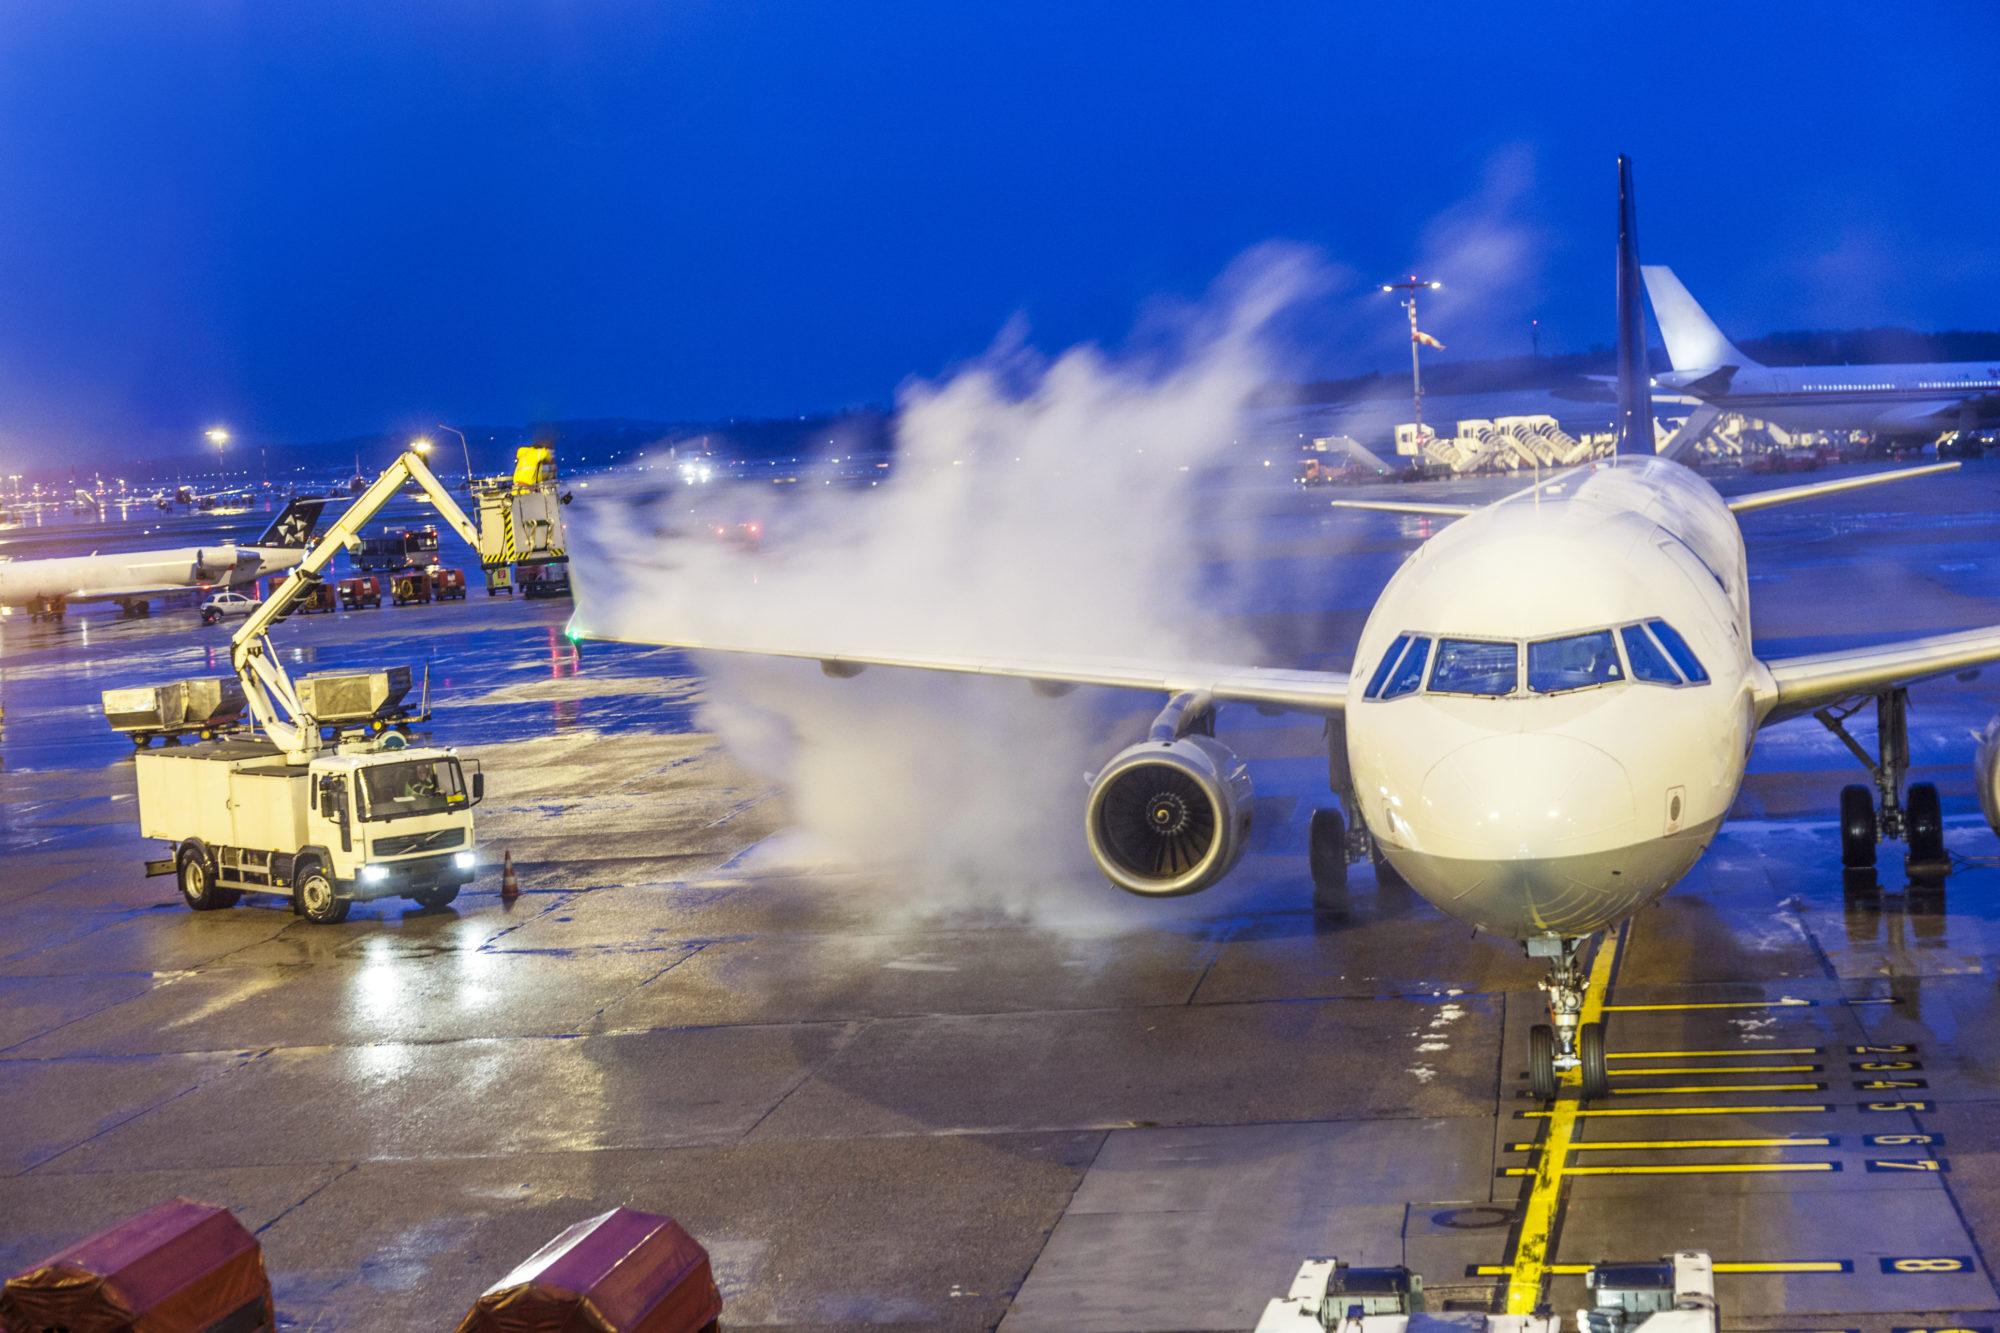 Av-ising av fly forurenser bakken. Nå skal ny filterteknologi testes ut mot problemet på Sola flyplass, etter vellykkede labforsøk. Illustrasjonsfoto: Thinkstock